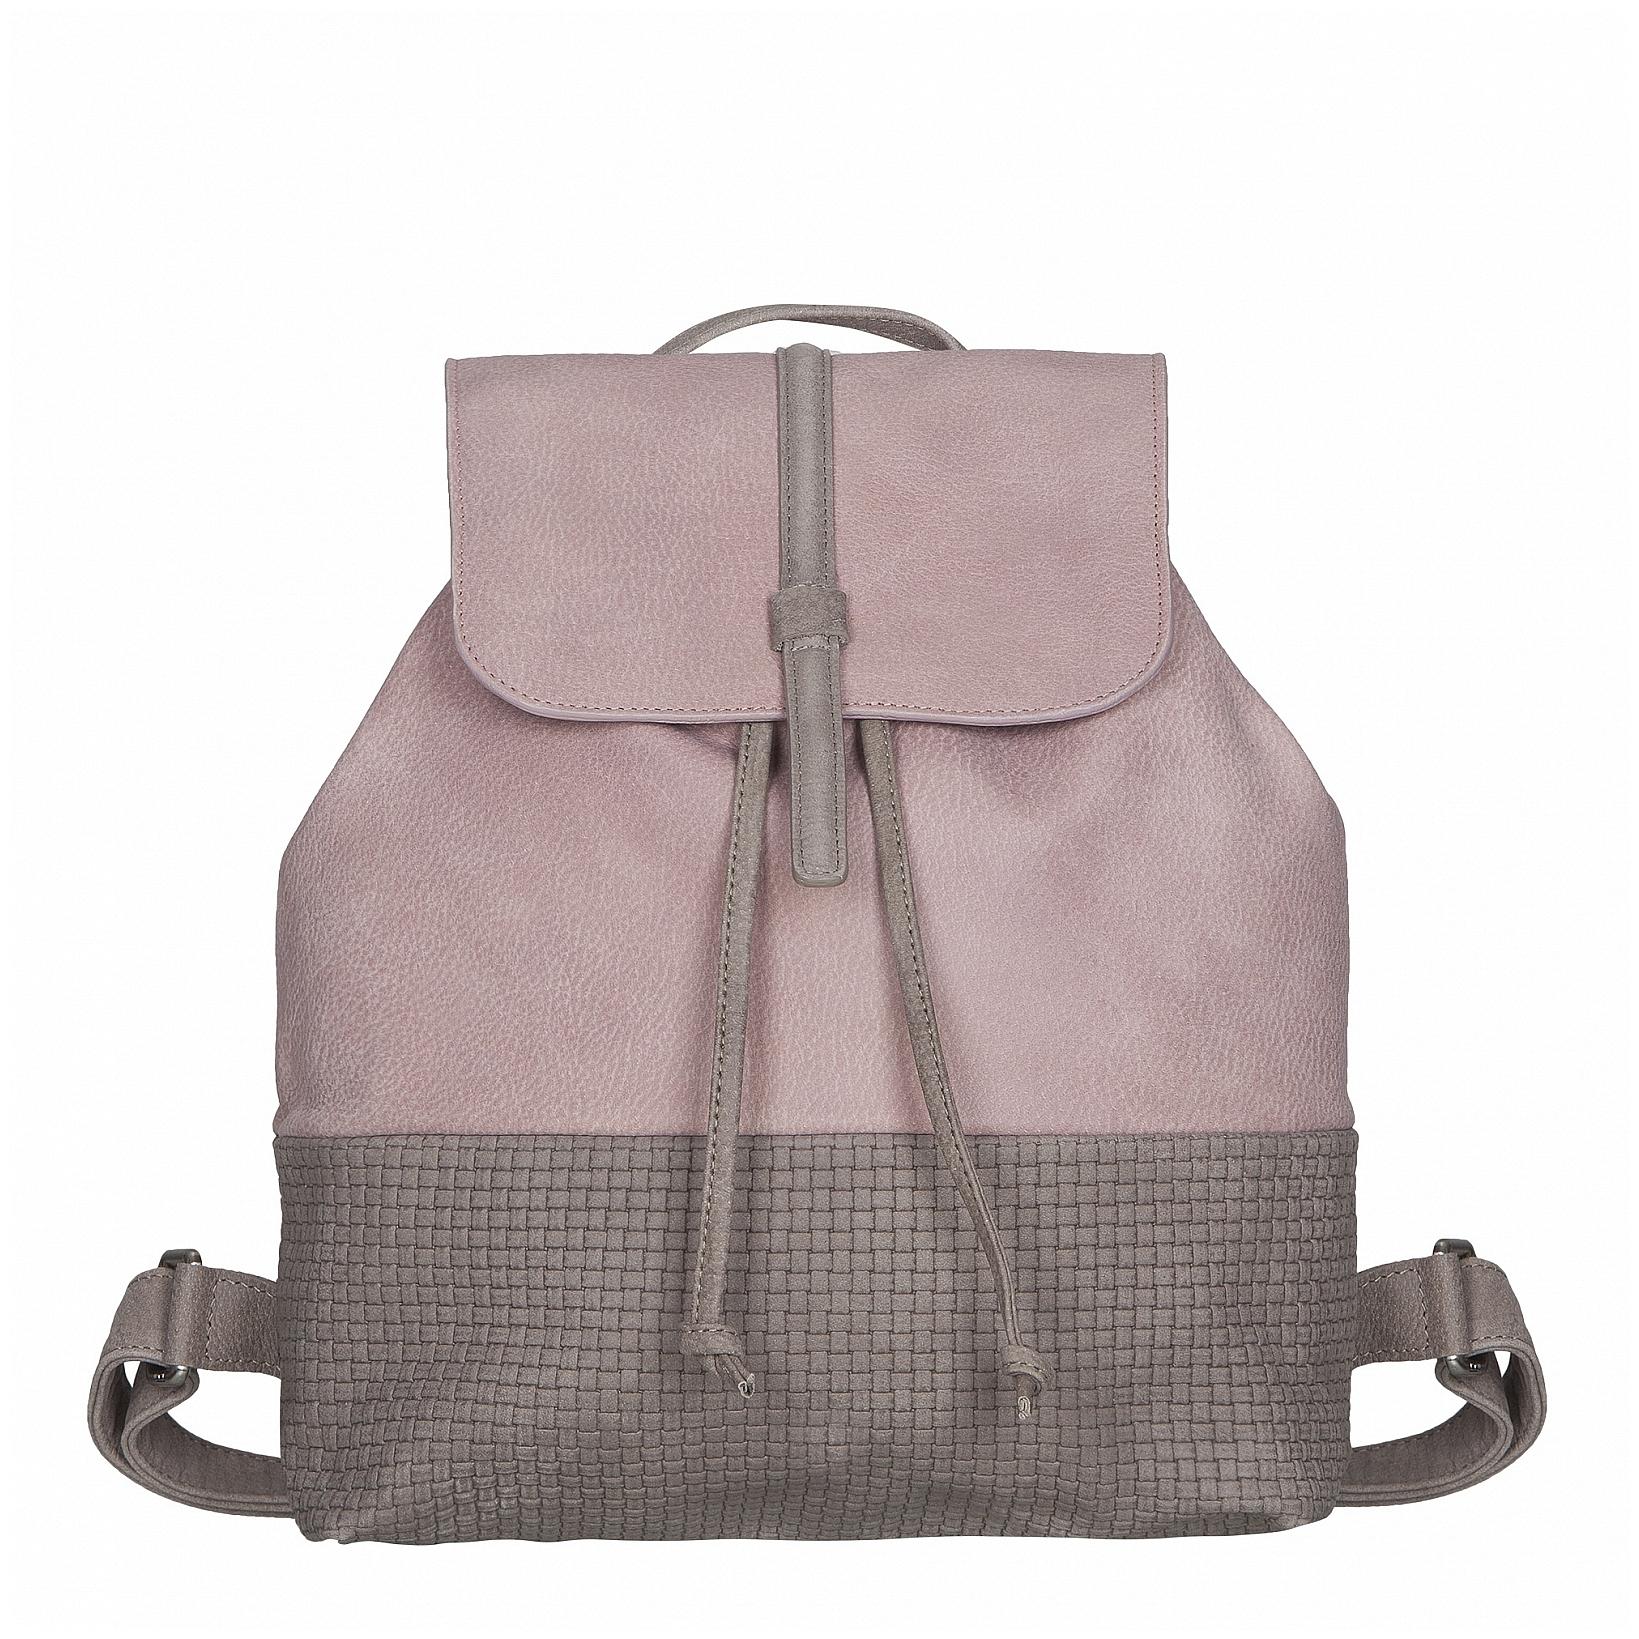 JOST Dámský kožený batoh TRECCIA 2586-995 růžovo-šedý